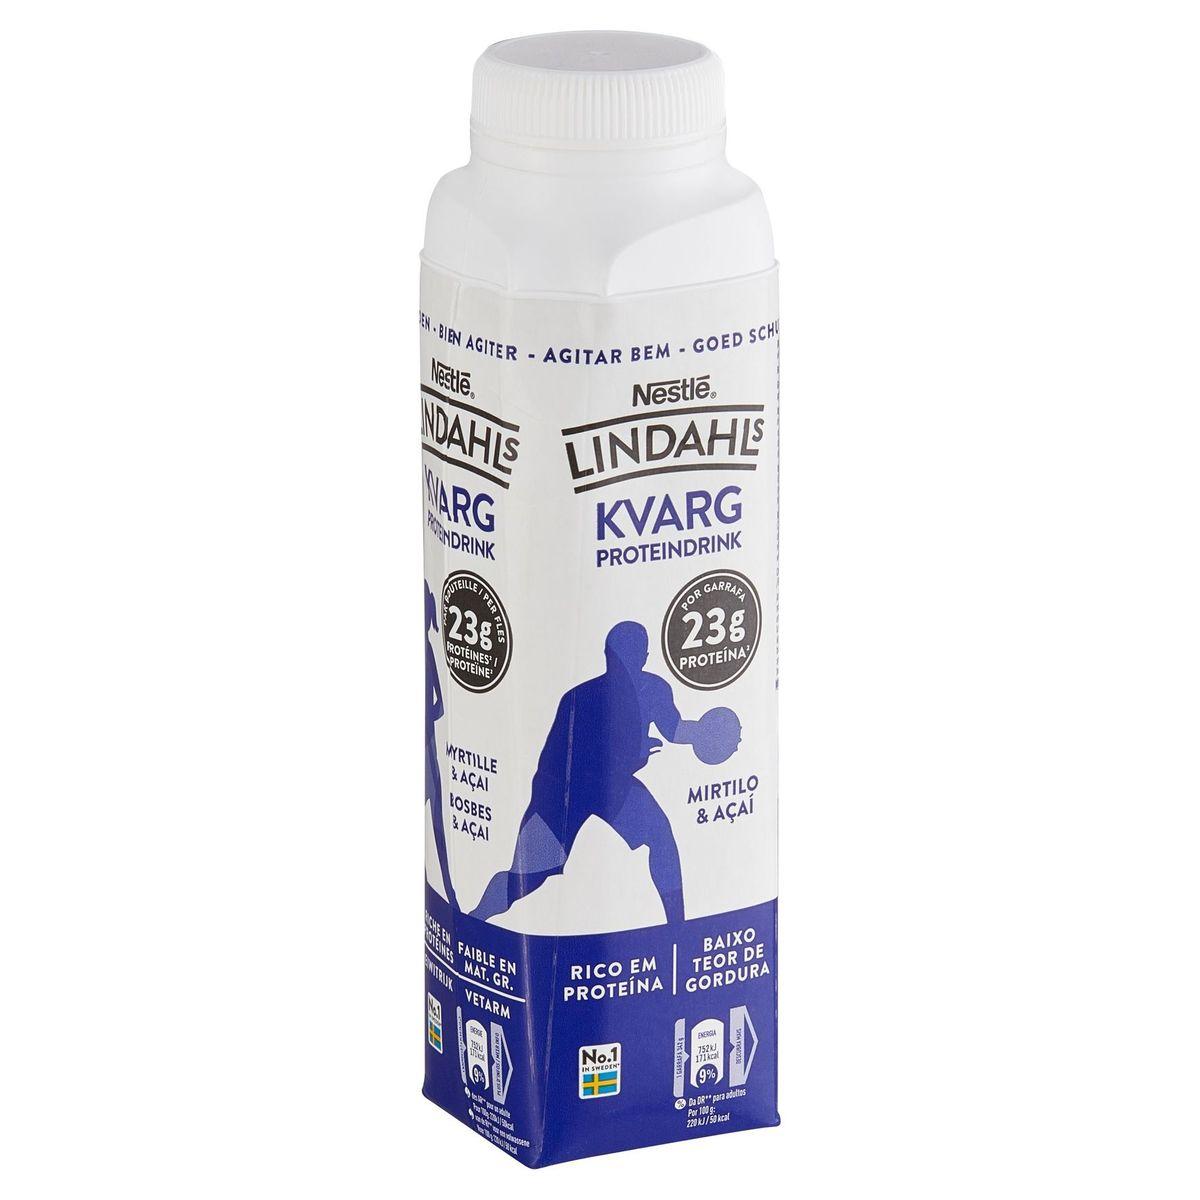 Lindahls Kvarg Proteindrink Myrtille & Açai 342 g